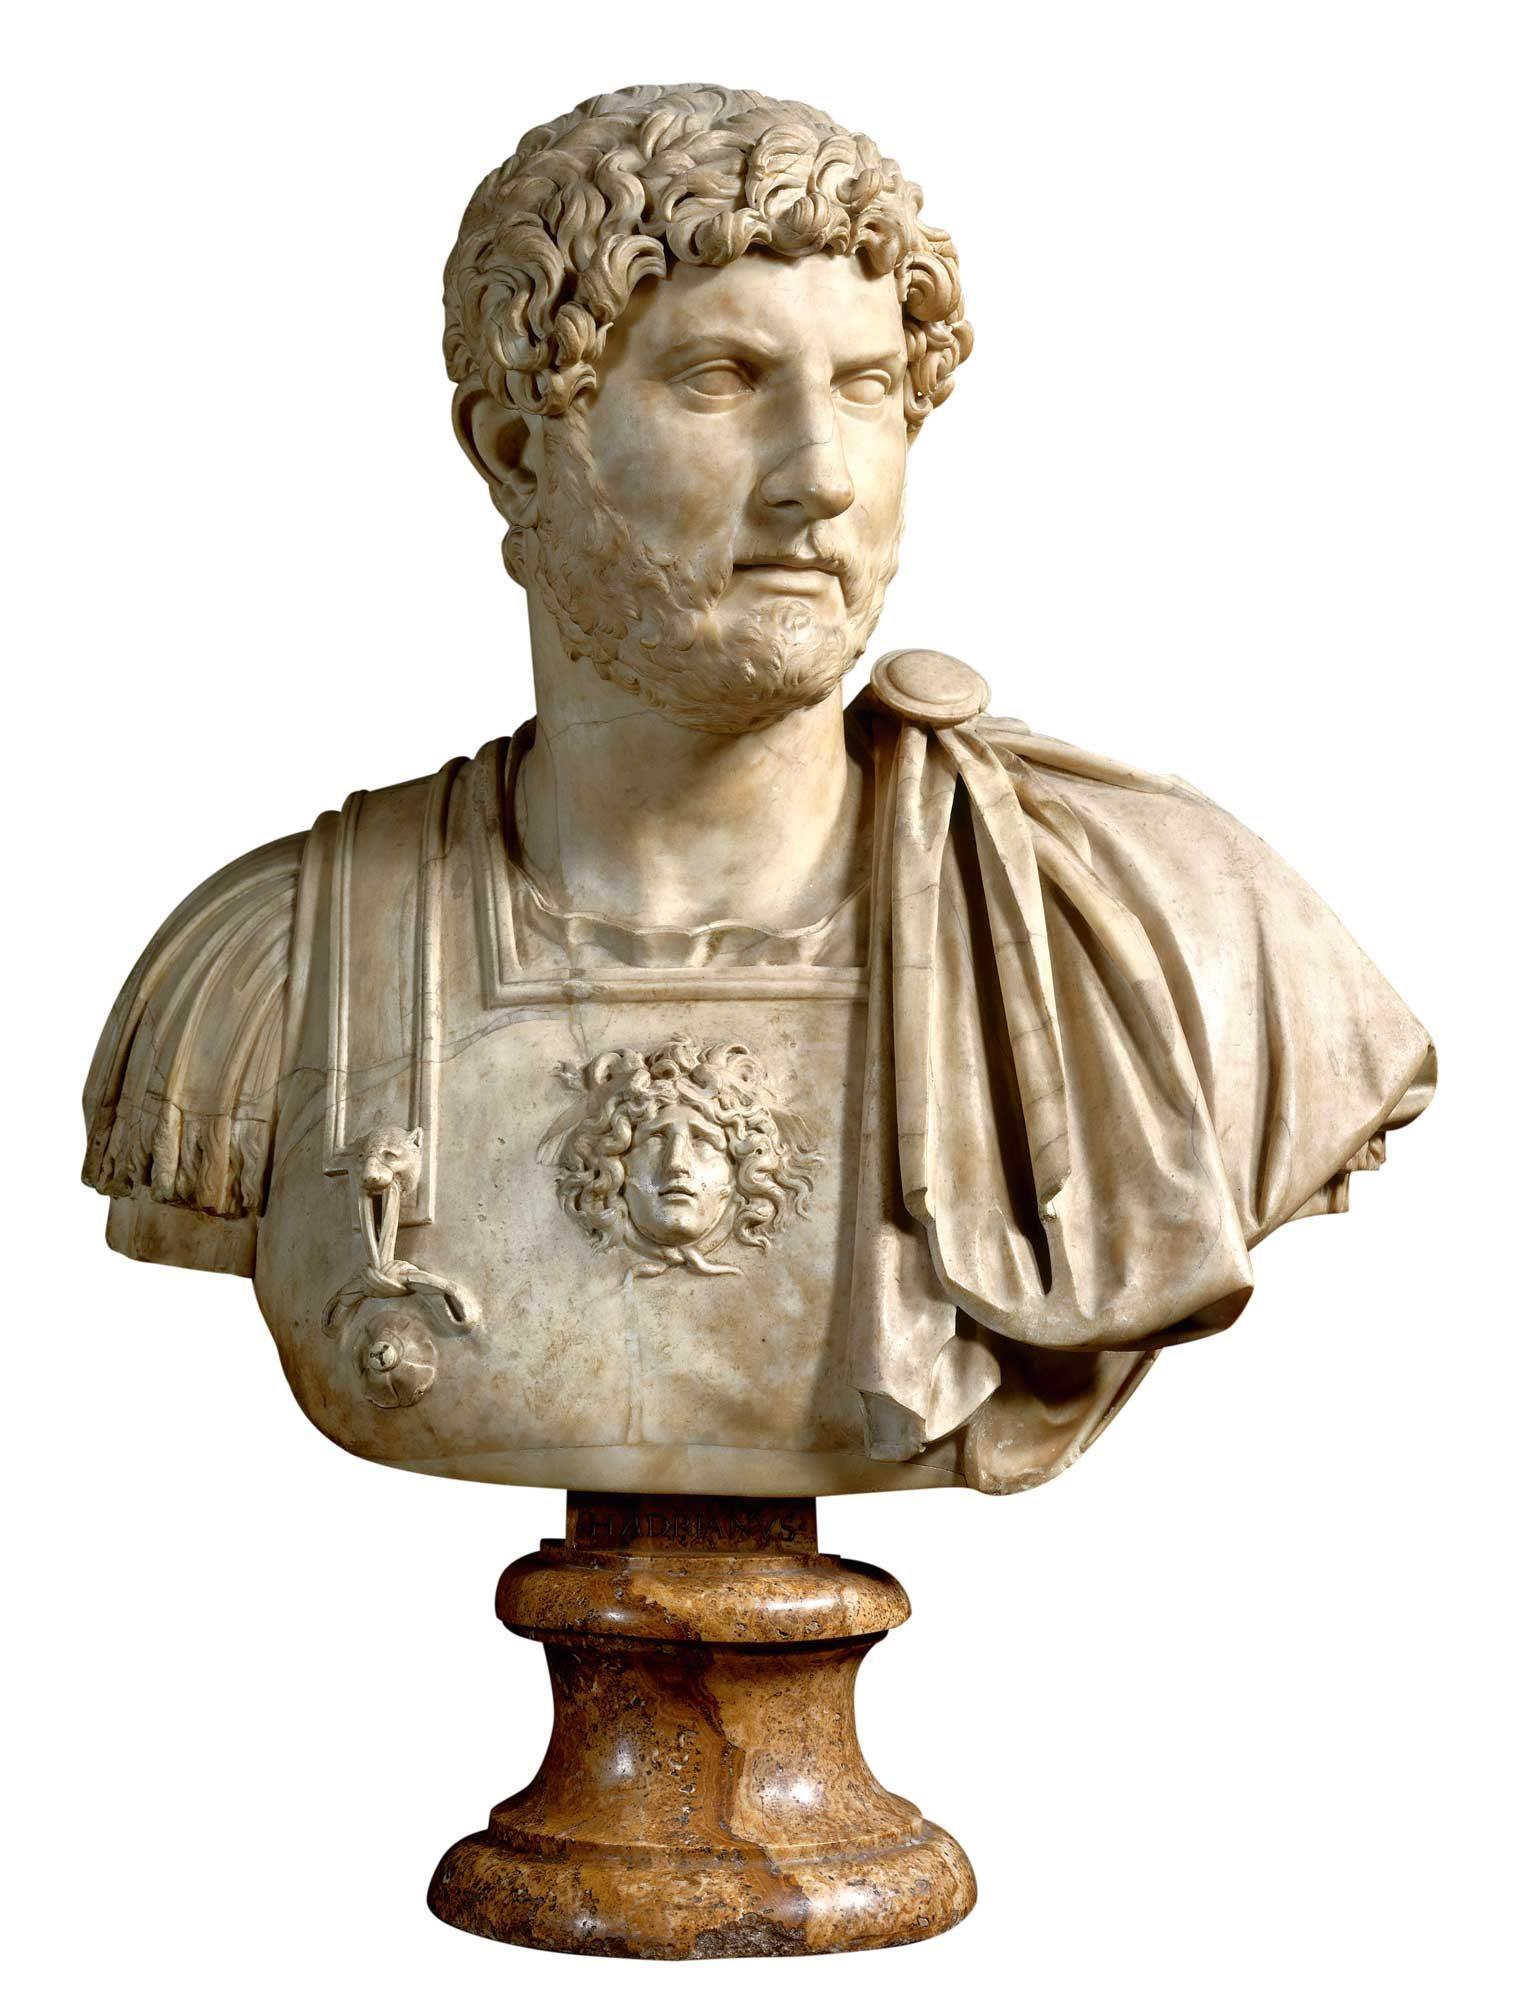 Resultado de imagen para Fotos de Publio Elio Adriano, emperador romano